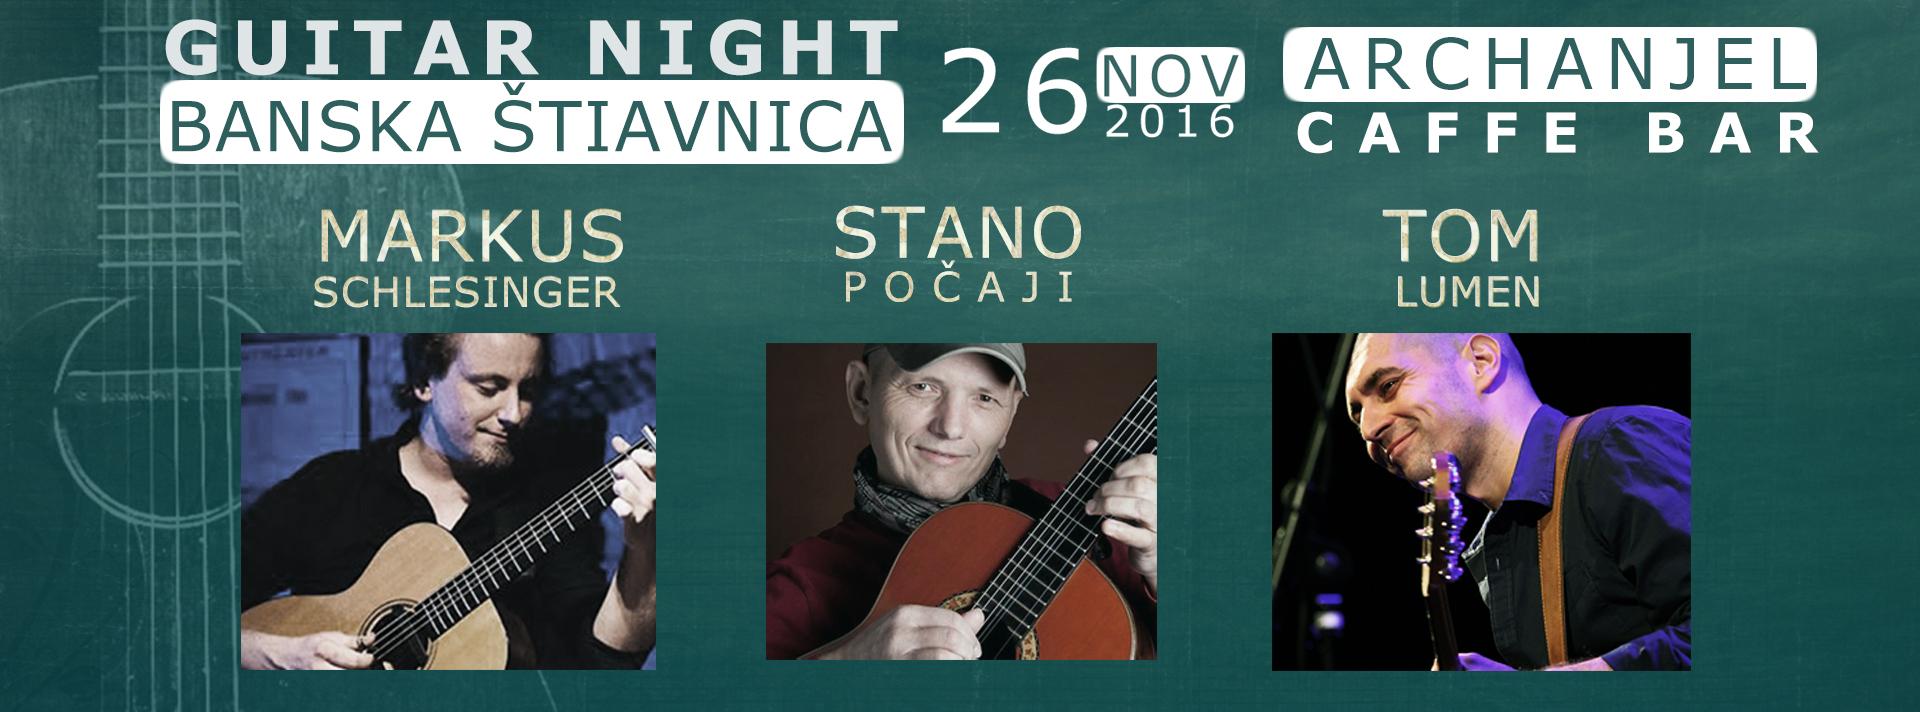 Guitar Night Banská Štiavnica